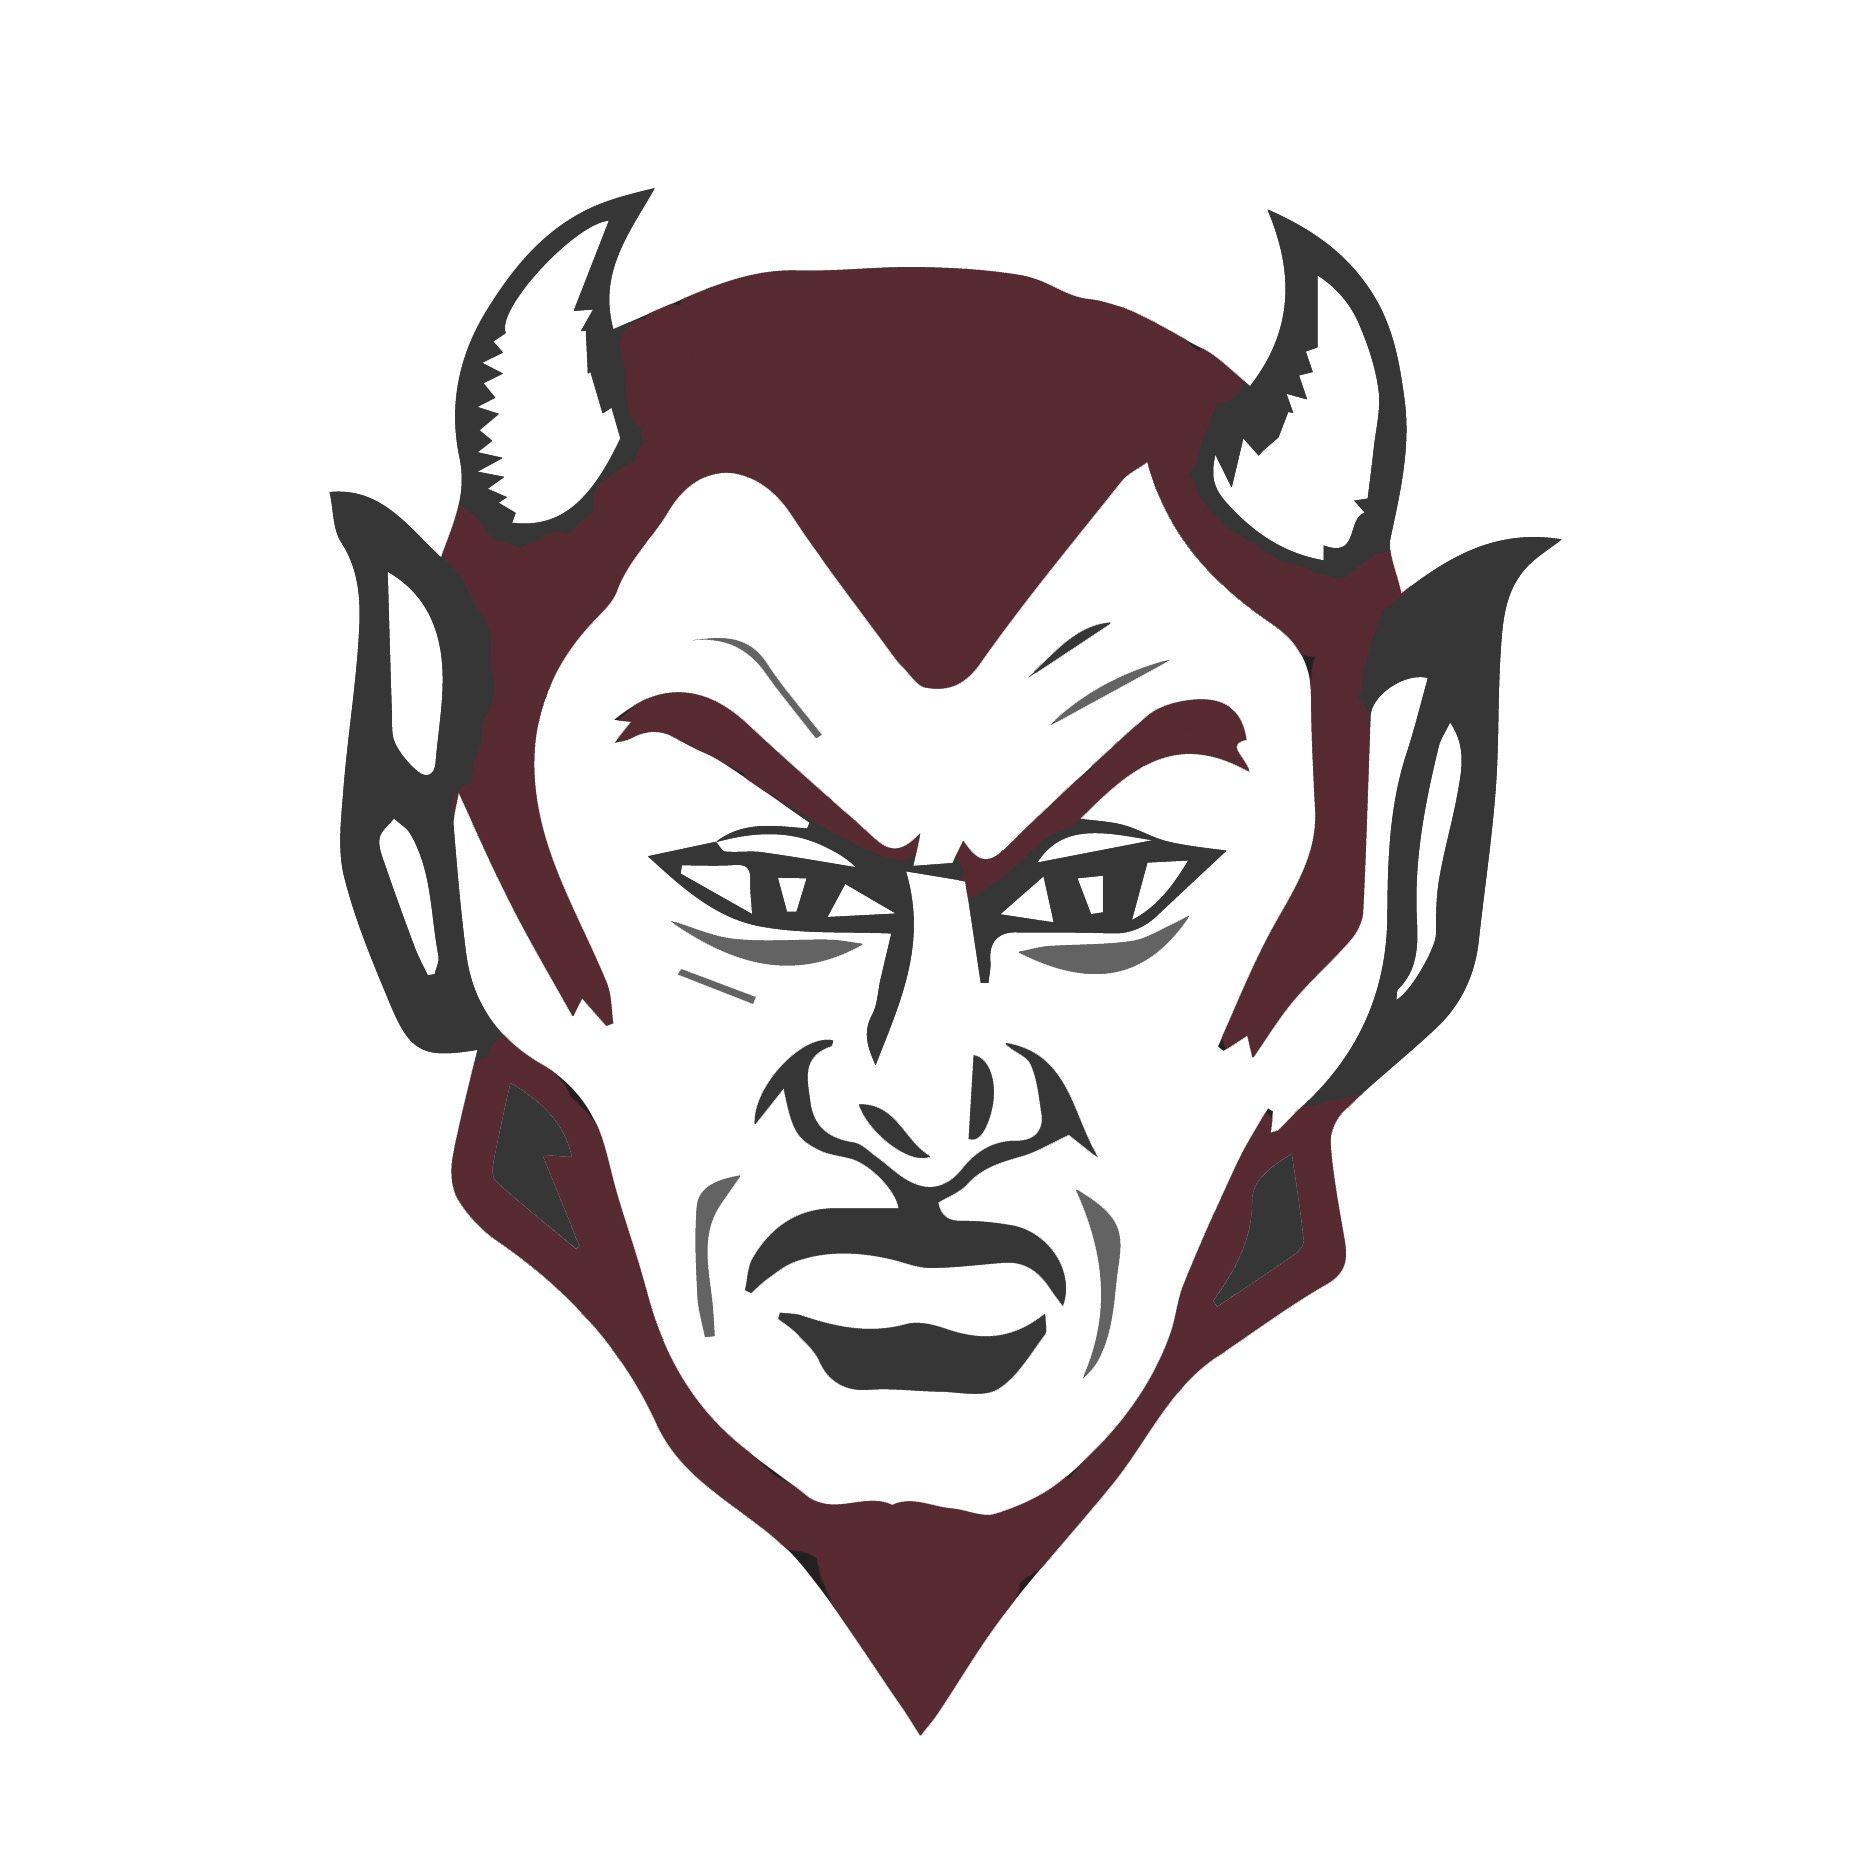 Maroon Devils Take 3-2 Win in Season Opener